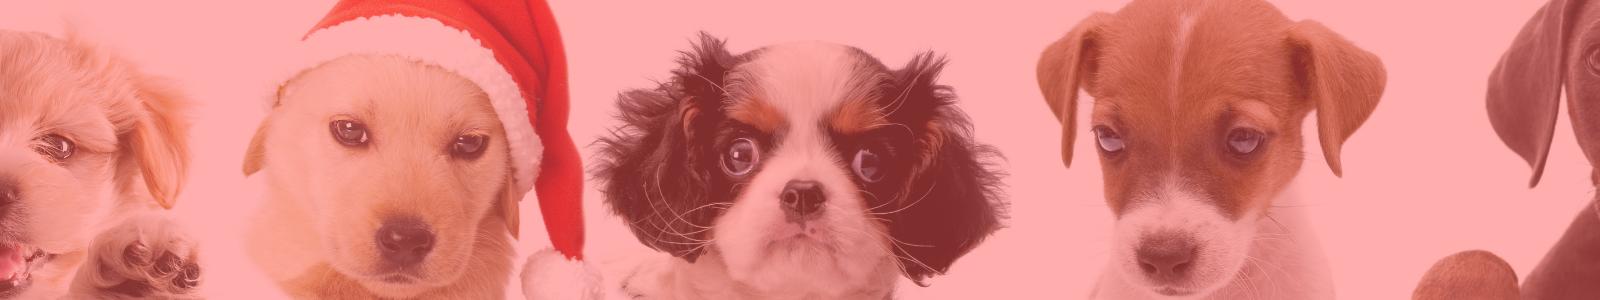 Puppy heads